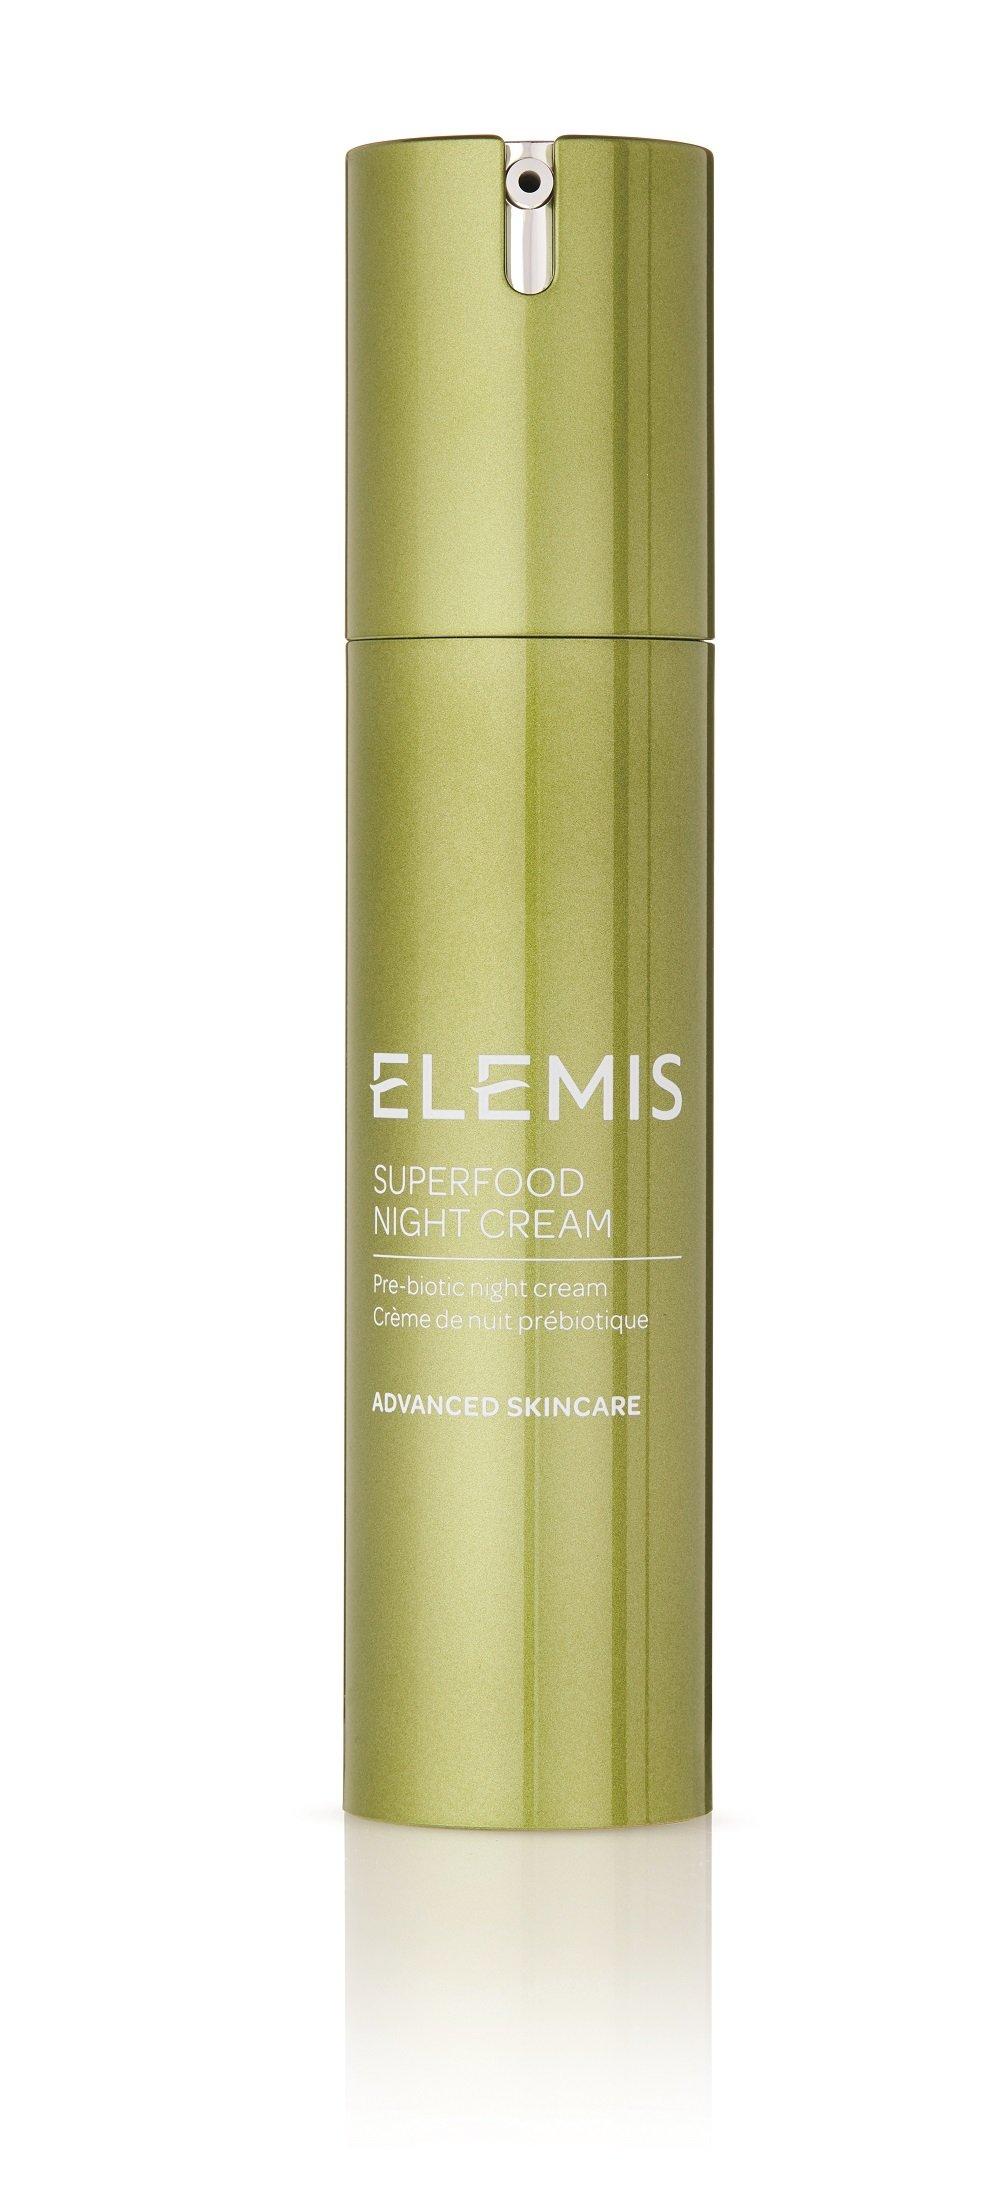 ELEMIS Superfood Night Cream - Pre-Biotic Night Cream, 1.6 fl. oz